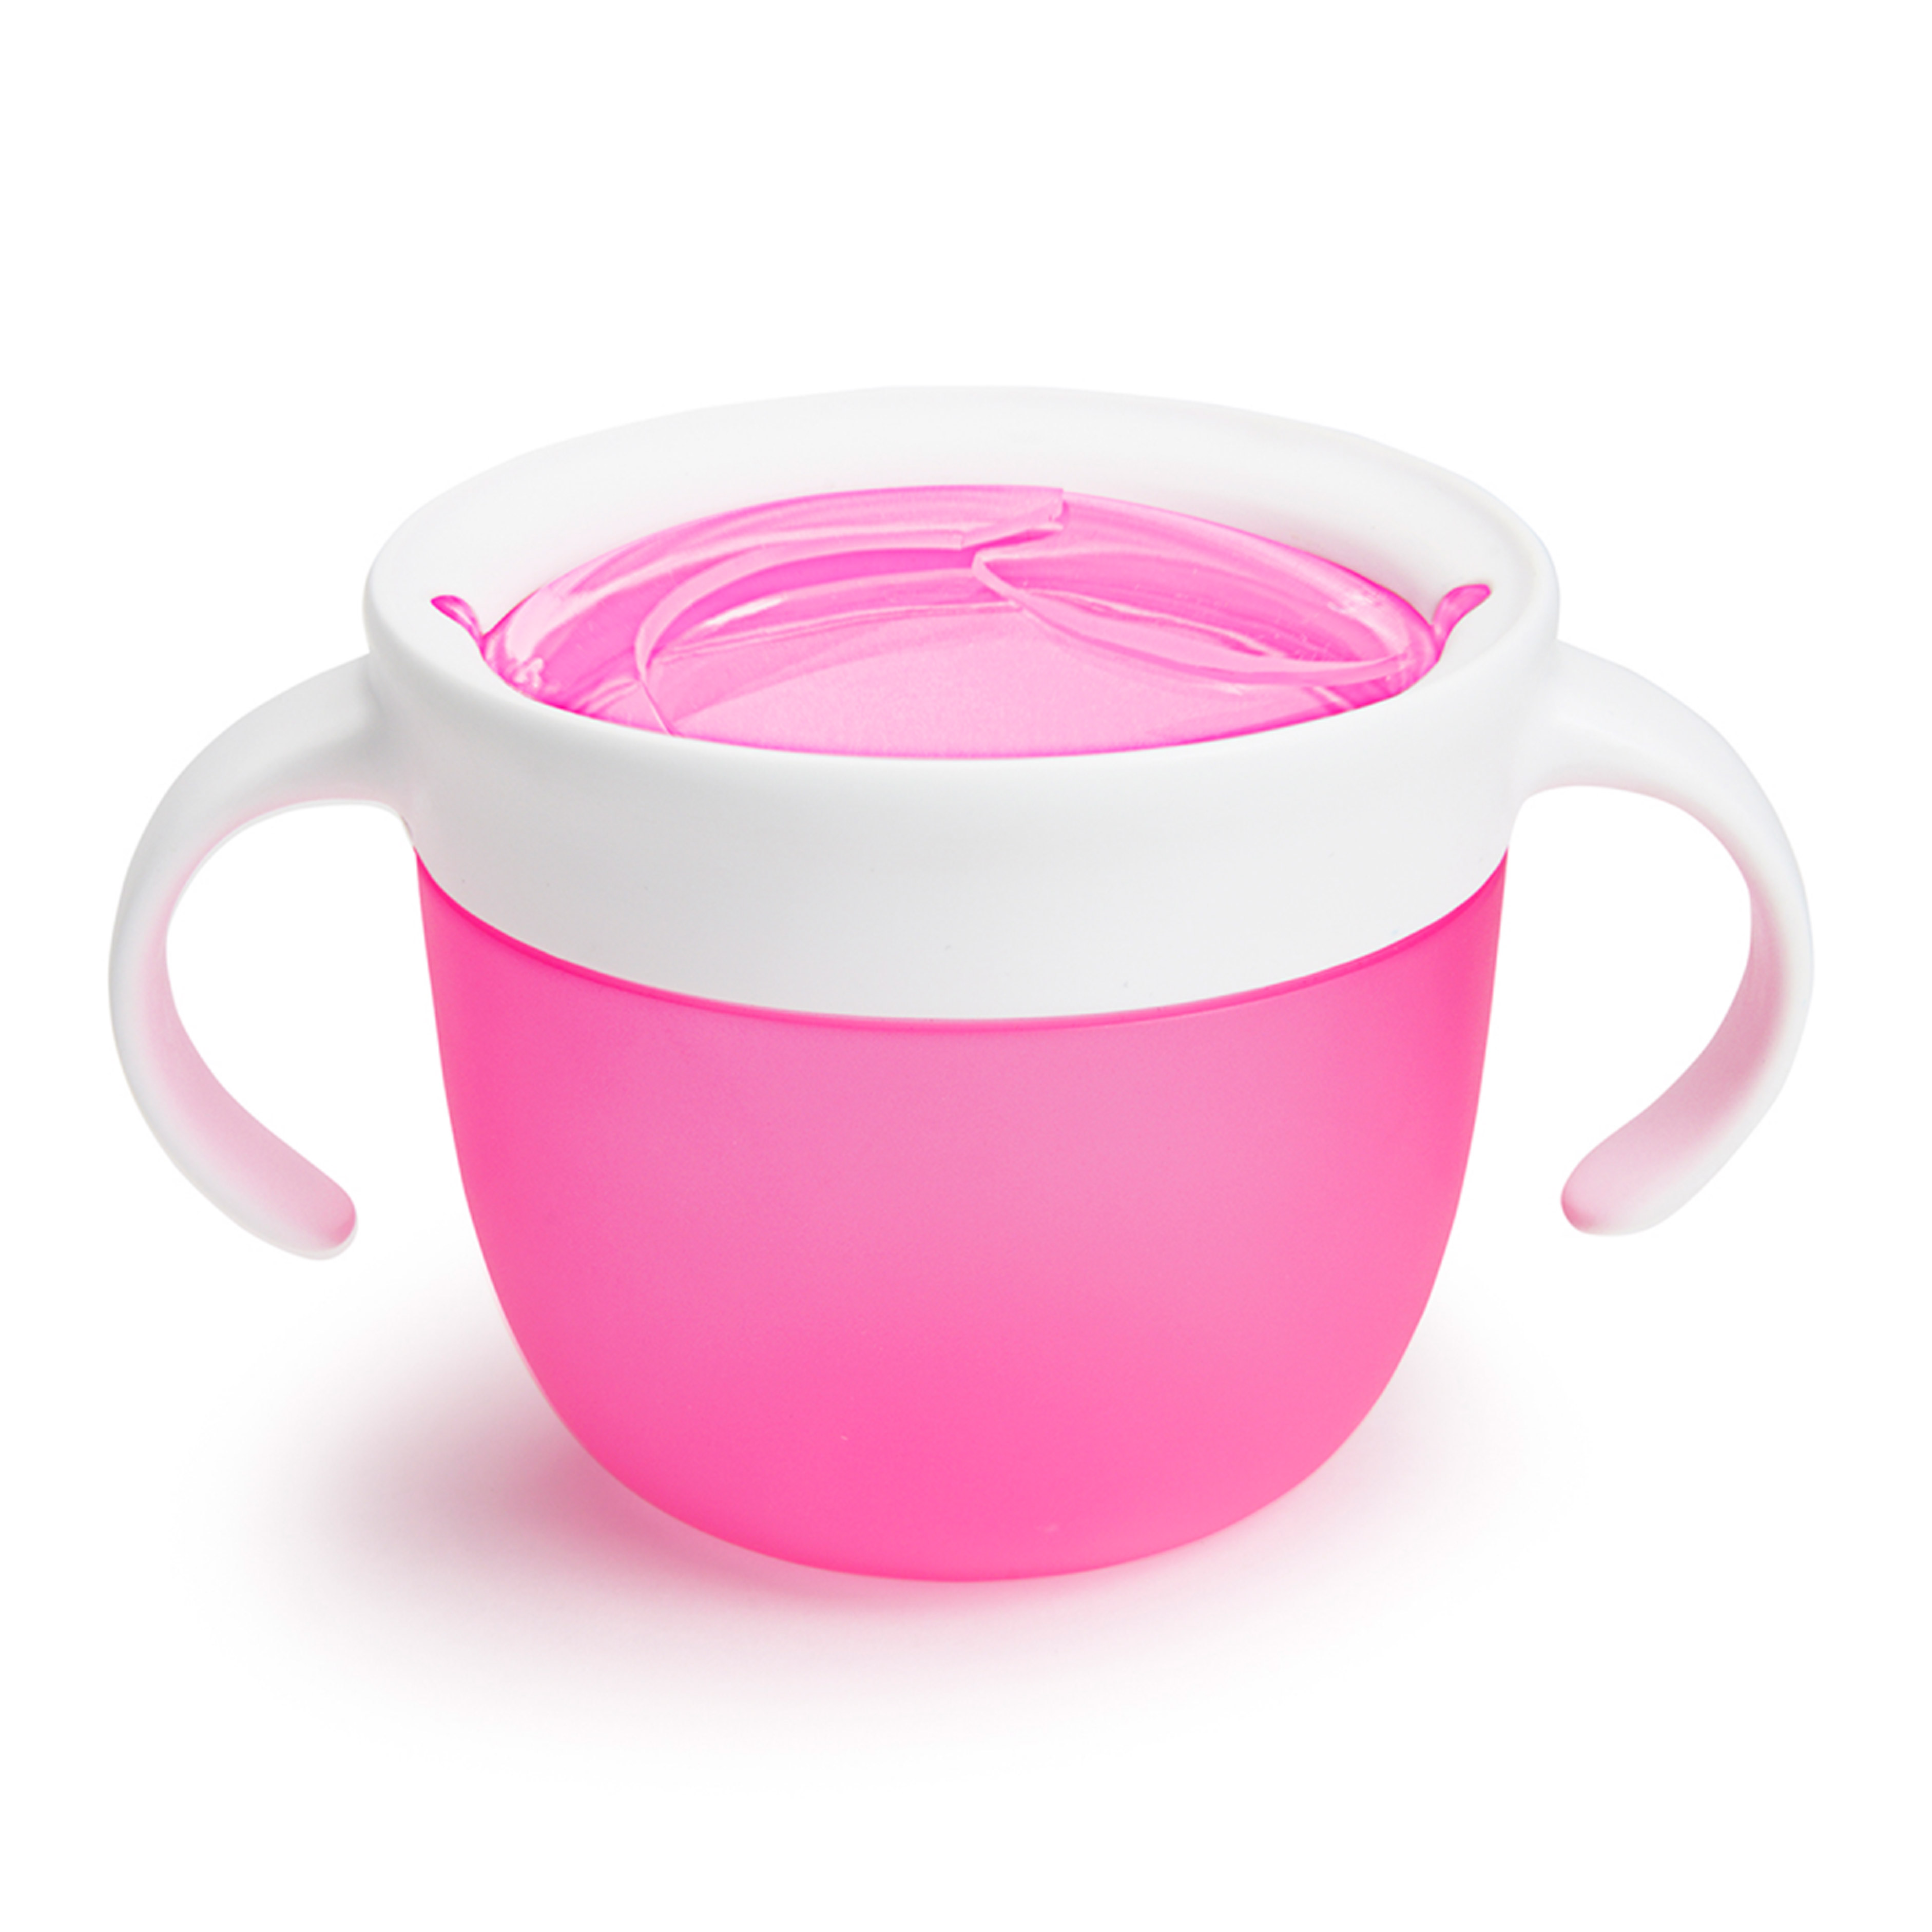 Контейнер Munchkin Поймай печенье розовый 12м+ контейнер munchkin поймай печенье голубой 12м